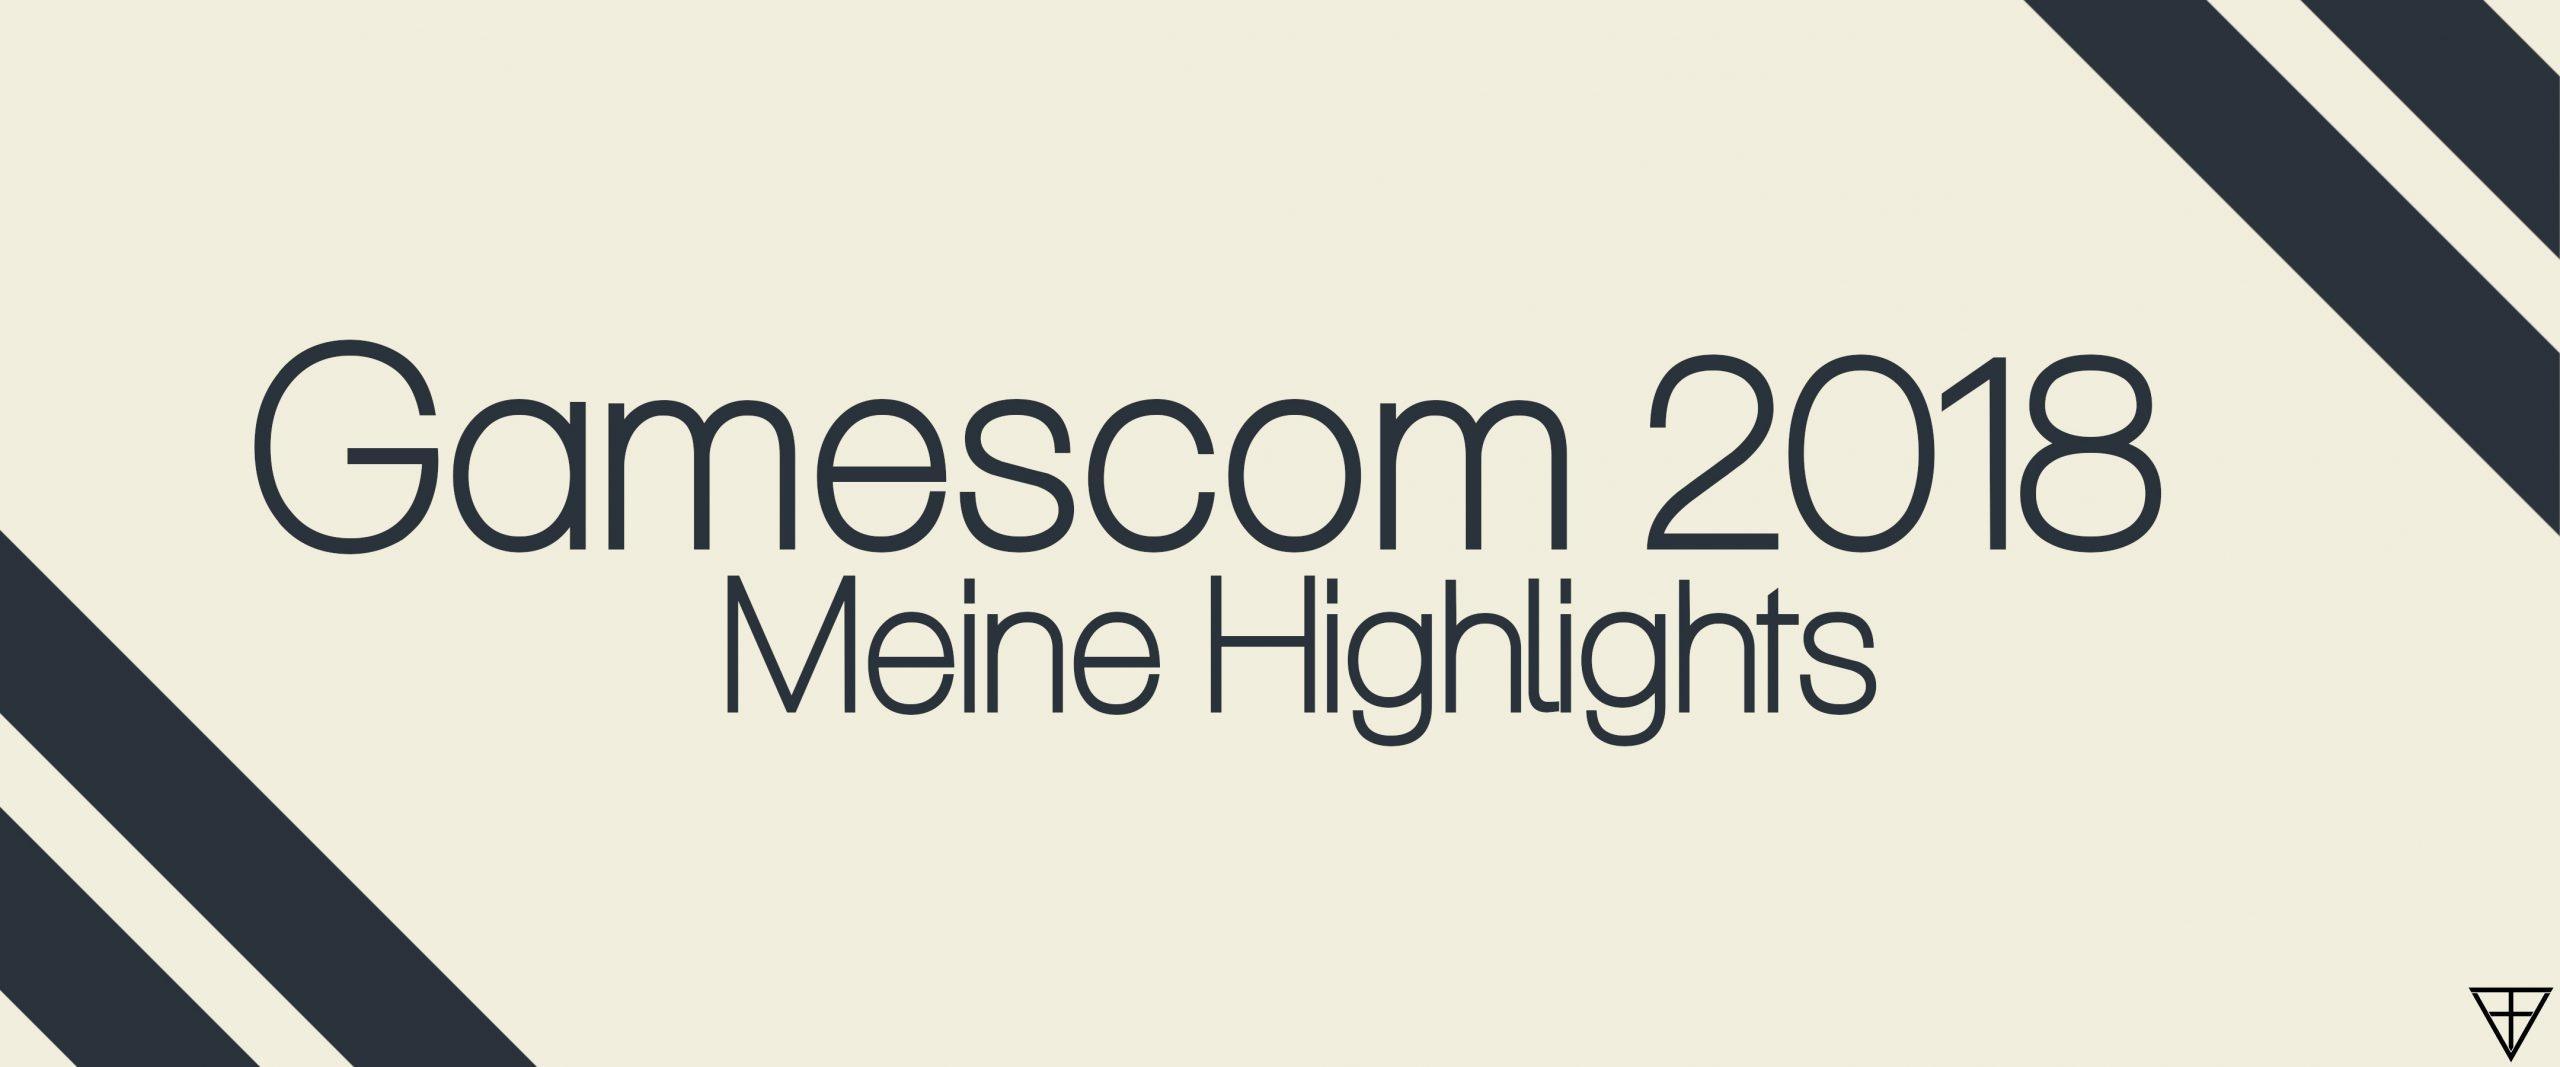 Gamescom 2018 - Meine Highlights 1